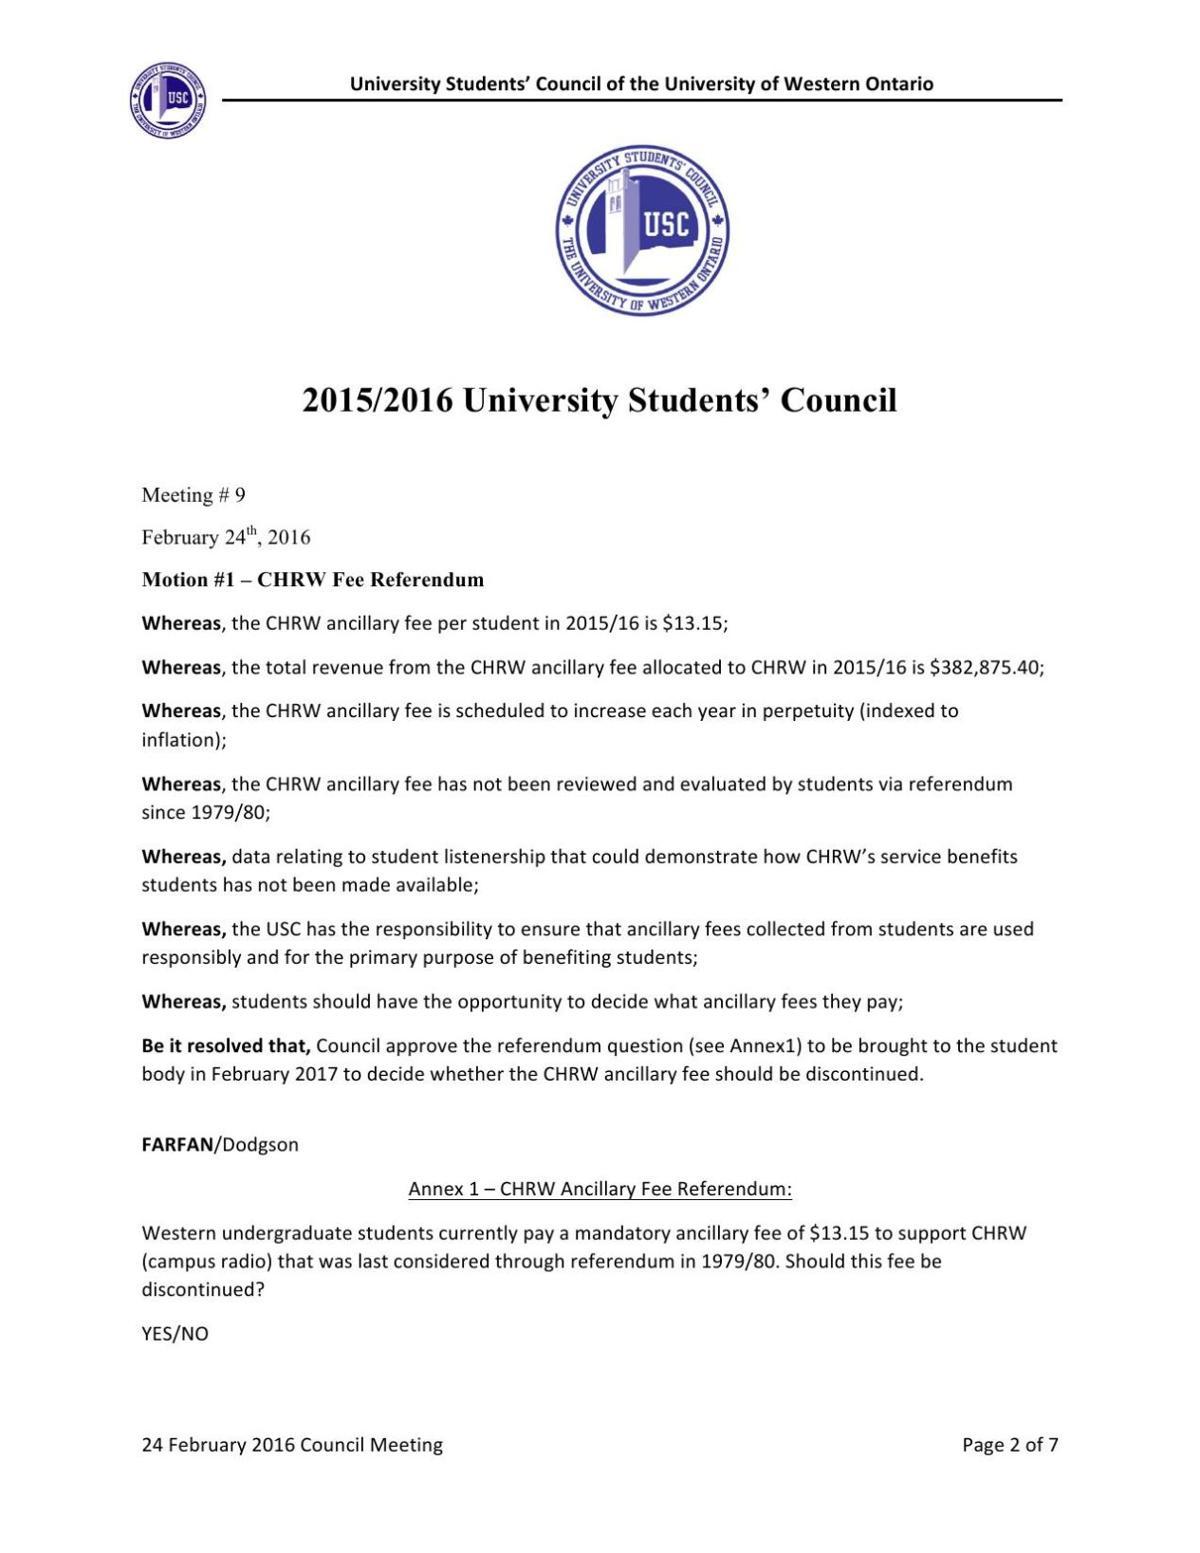 Motion for referendum on CHRW fee